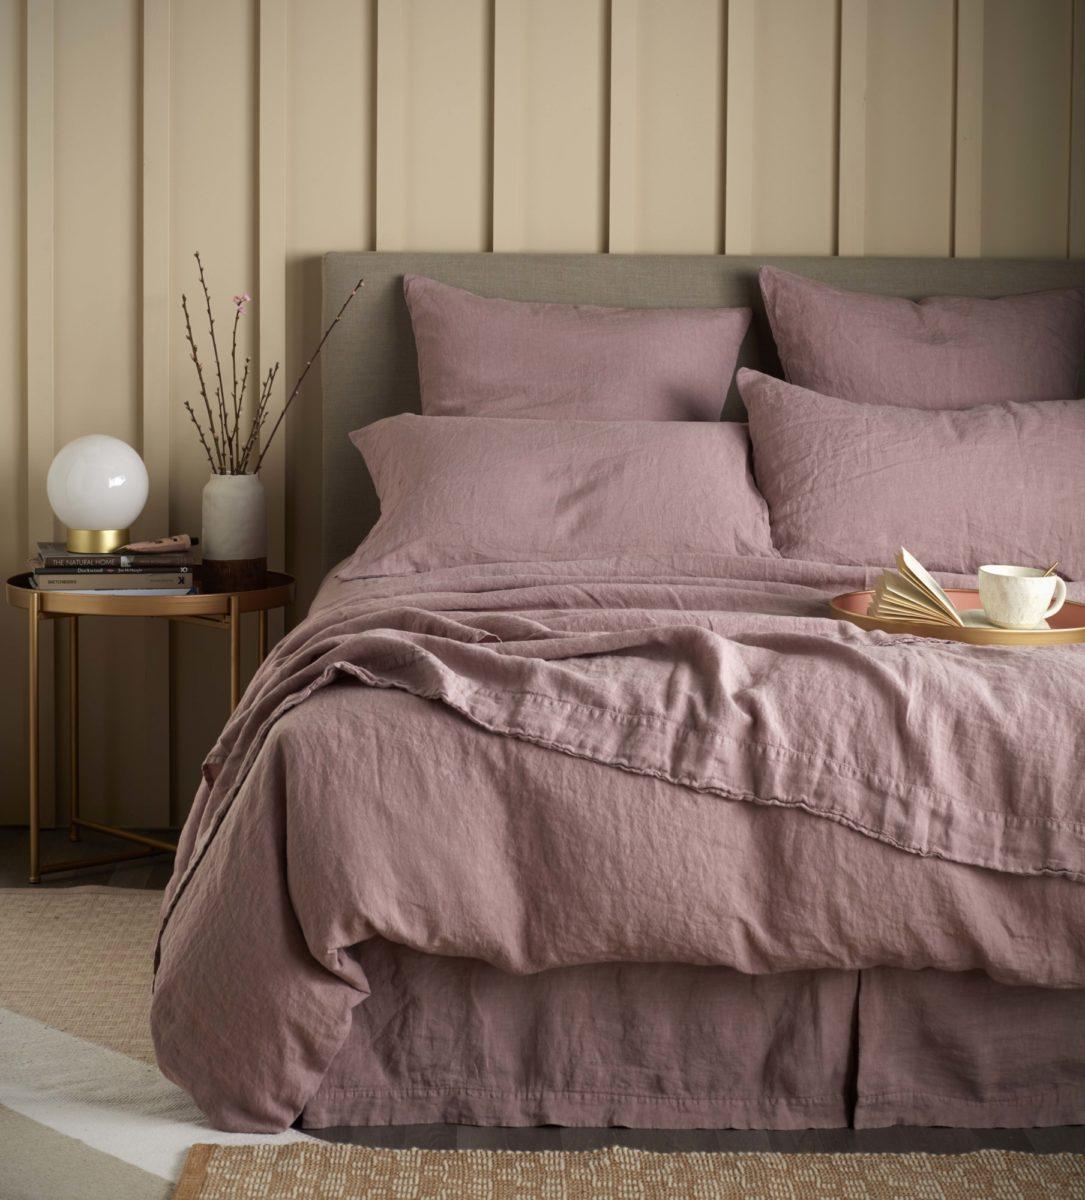 Vintage Rose 100 Linen Bedding Natural Bedding Secret Linen Store